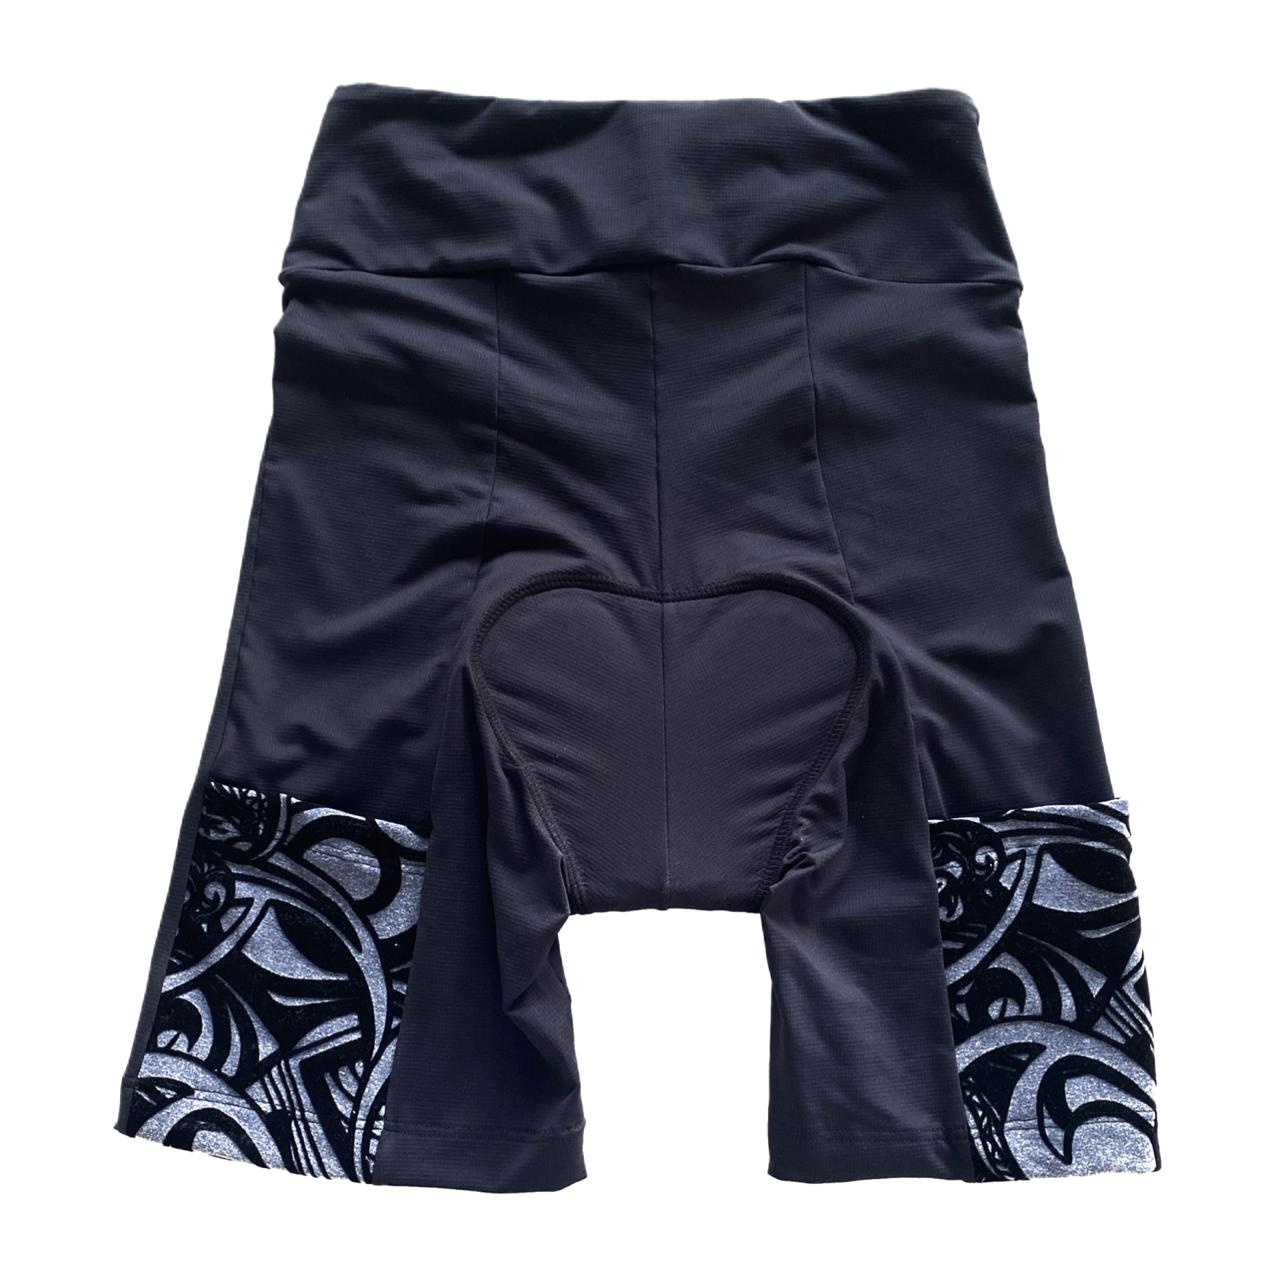 Bermuda de ciclismo em compress unissex preta bolso cinza aveludado  - Vivian Bógus